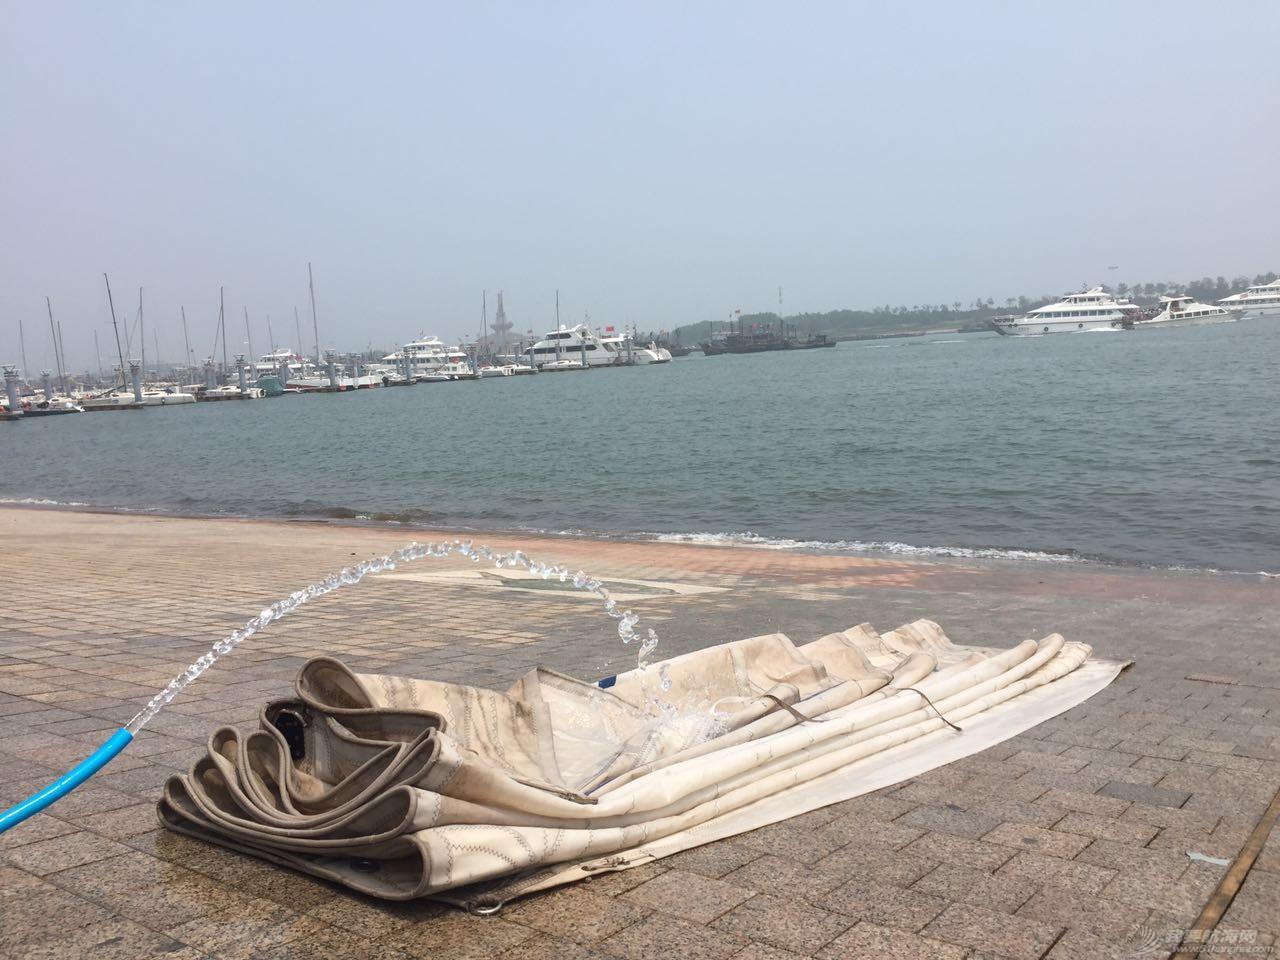 日记,日照,志愿者,大气,地板 【公益航海志愿者日记@日照】Day12这样高端大气的珐伊26,你见过吗 刷帆.jpg